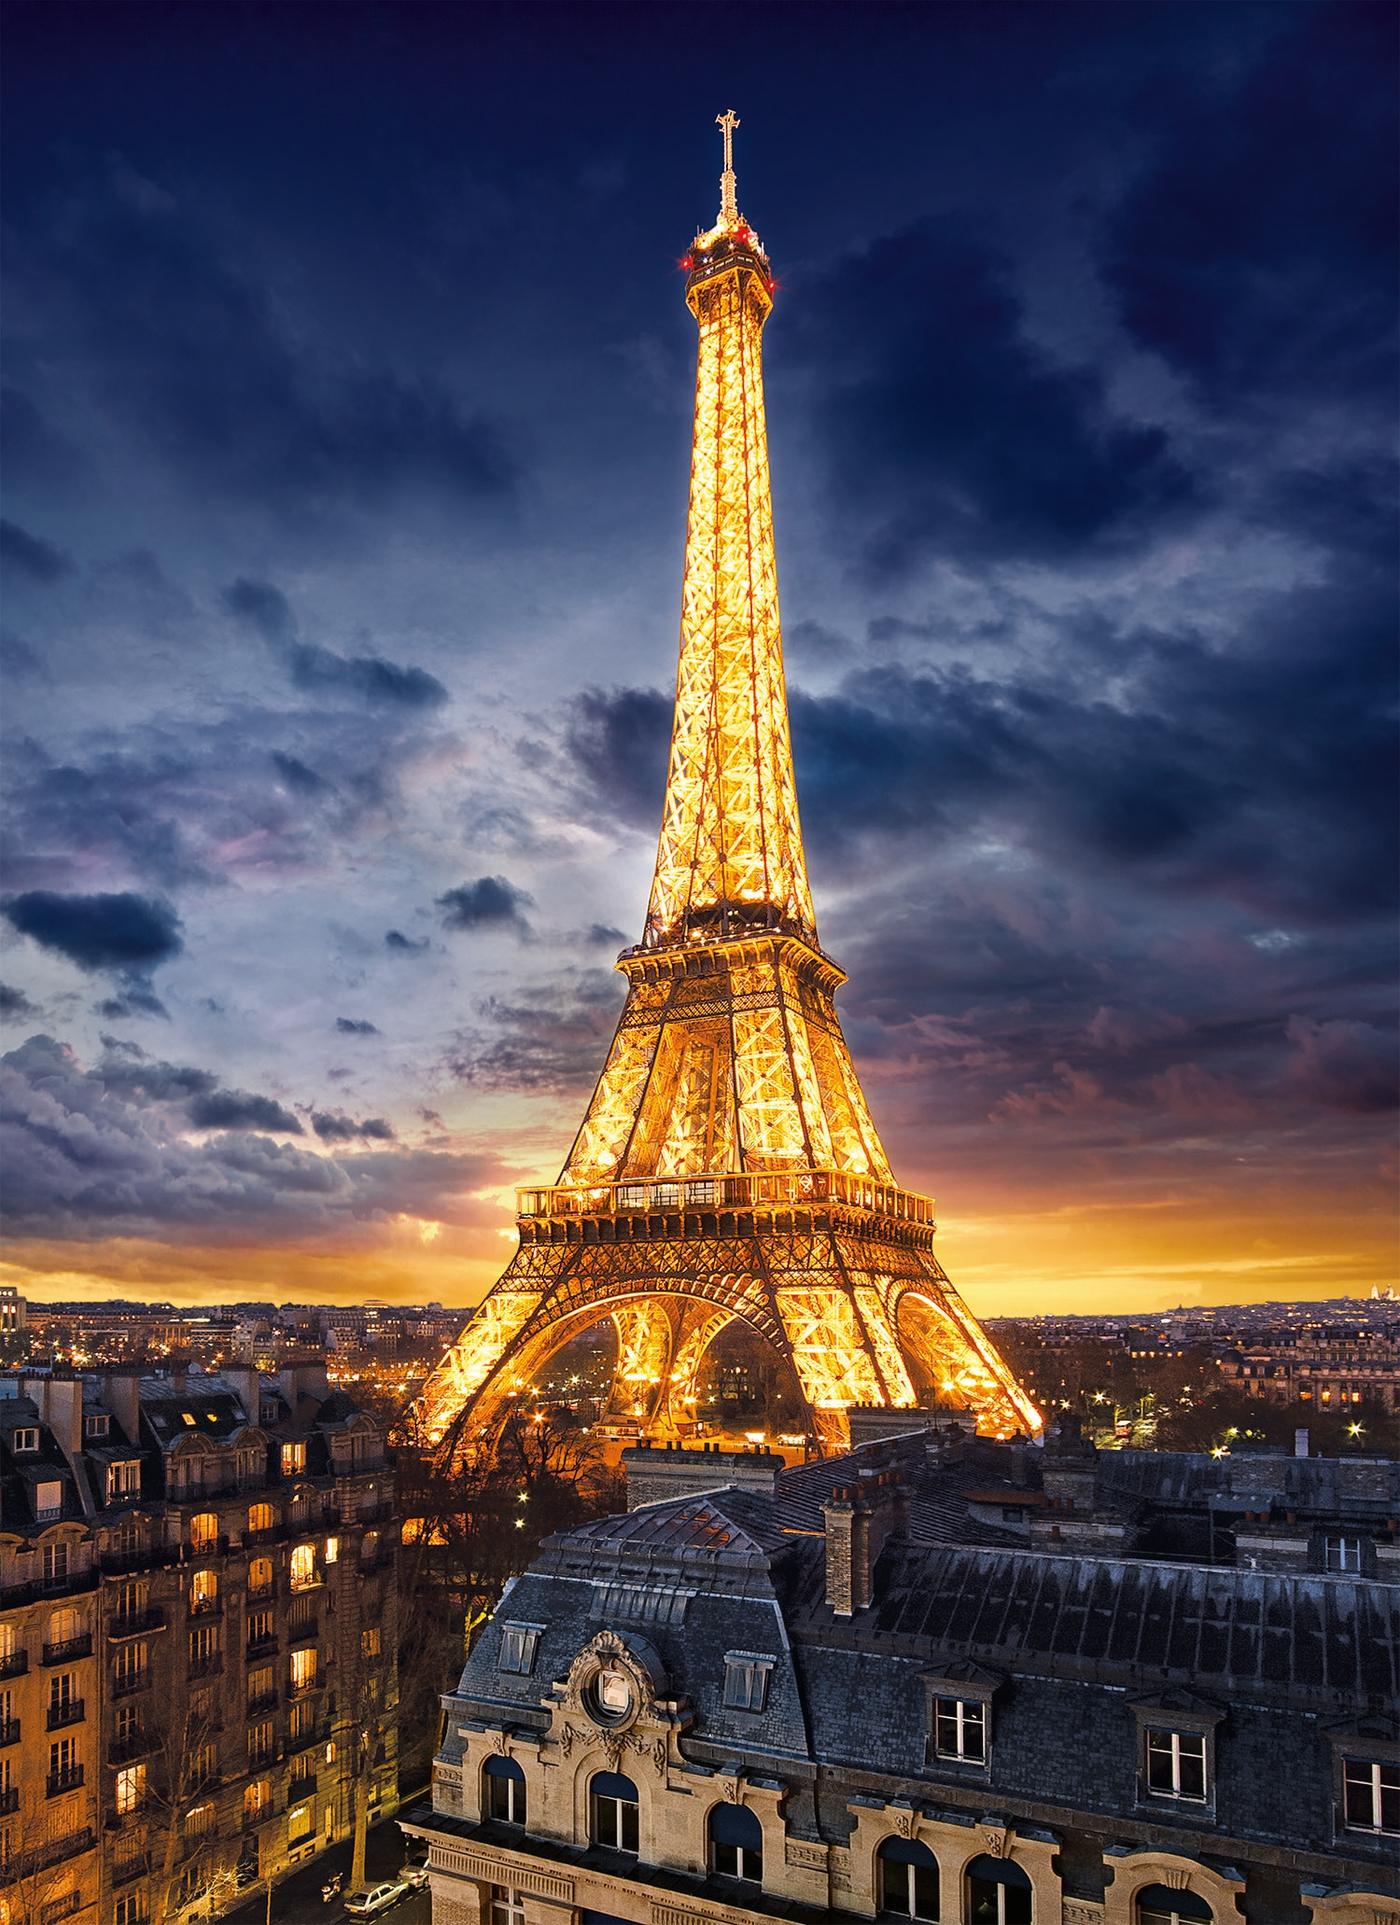 Tour Eiffel 1000 Pcs High Quality Collection Clementoni